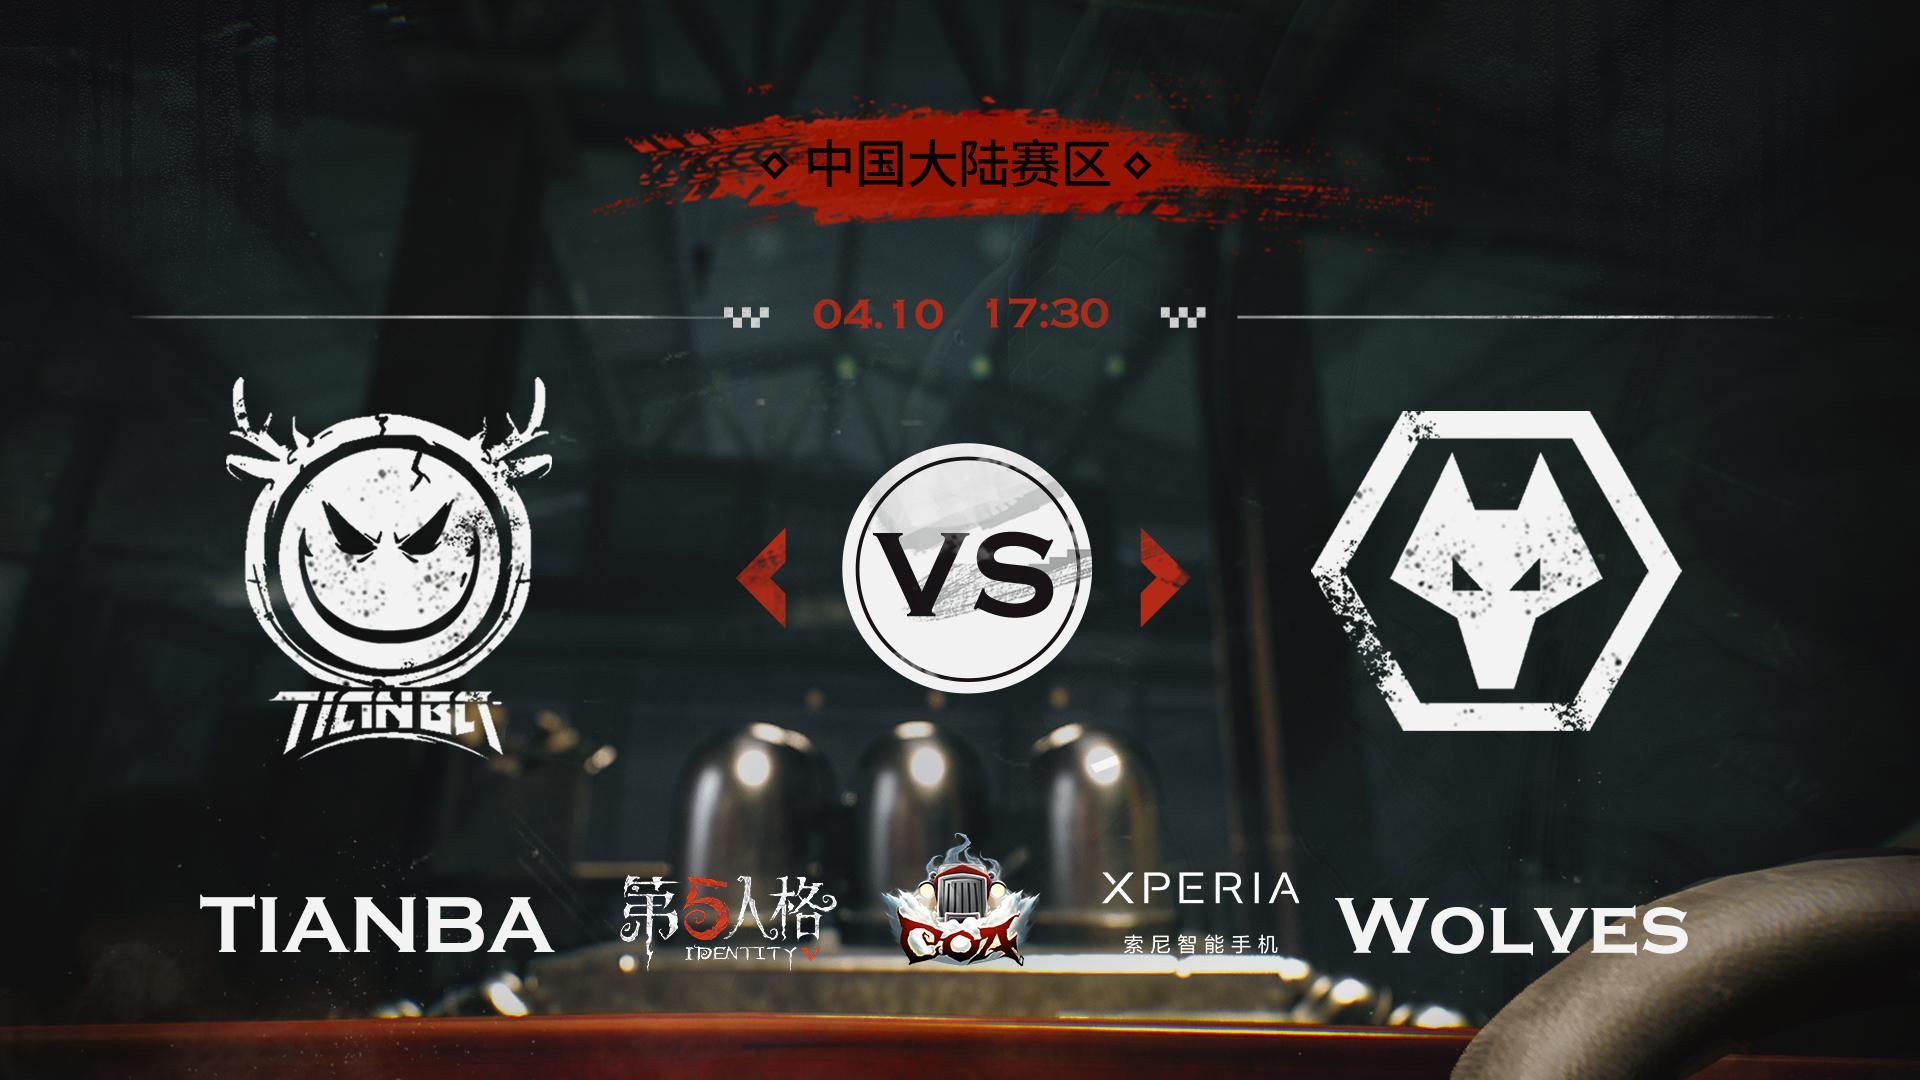 【深渊的呼唤Ⅳ】中国大陆赛区线上预选赛小组赛W4D1 TIANBA vs Wolves